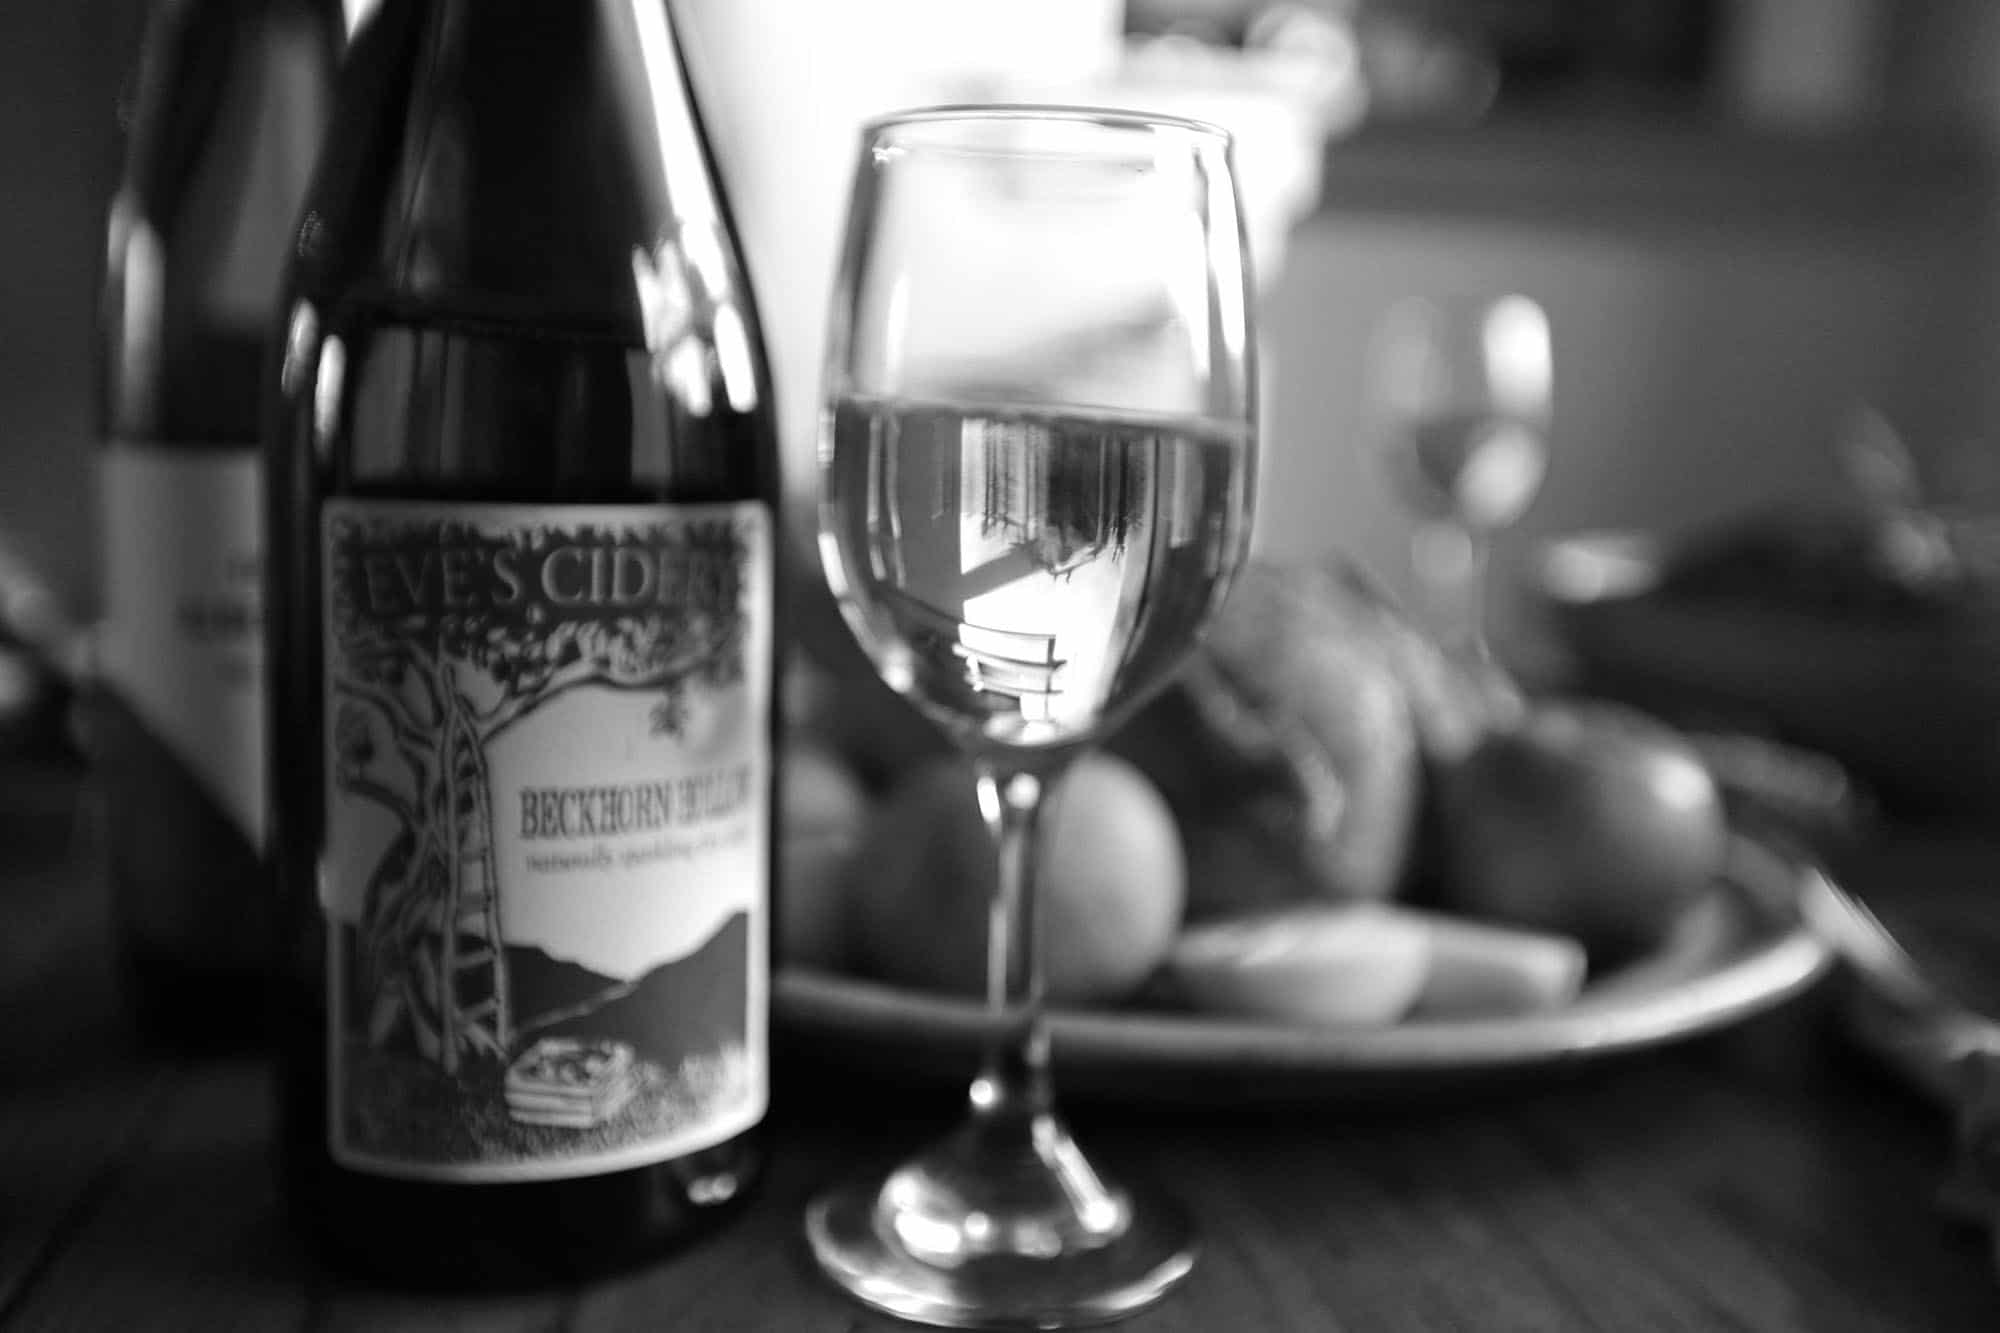 glass-of-beckhorn-hollow-cider